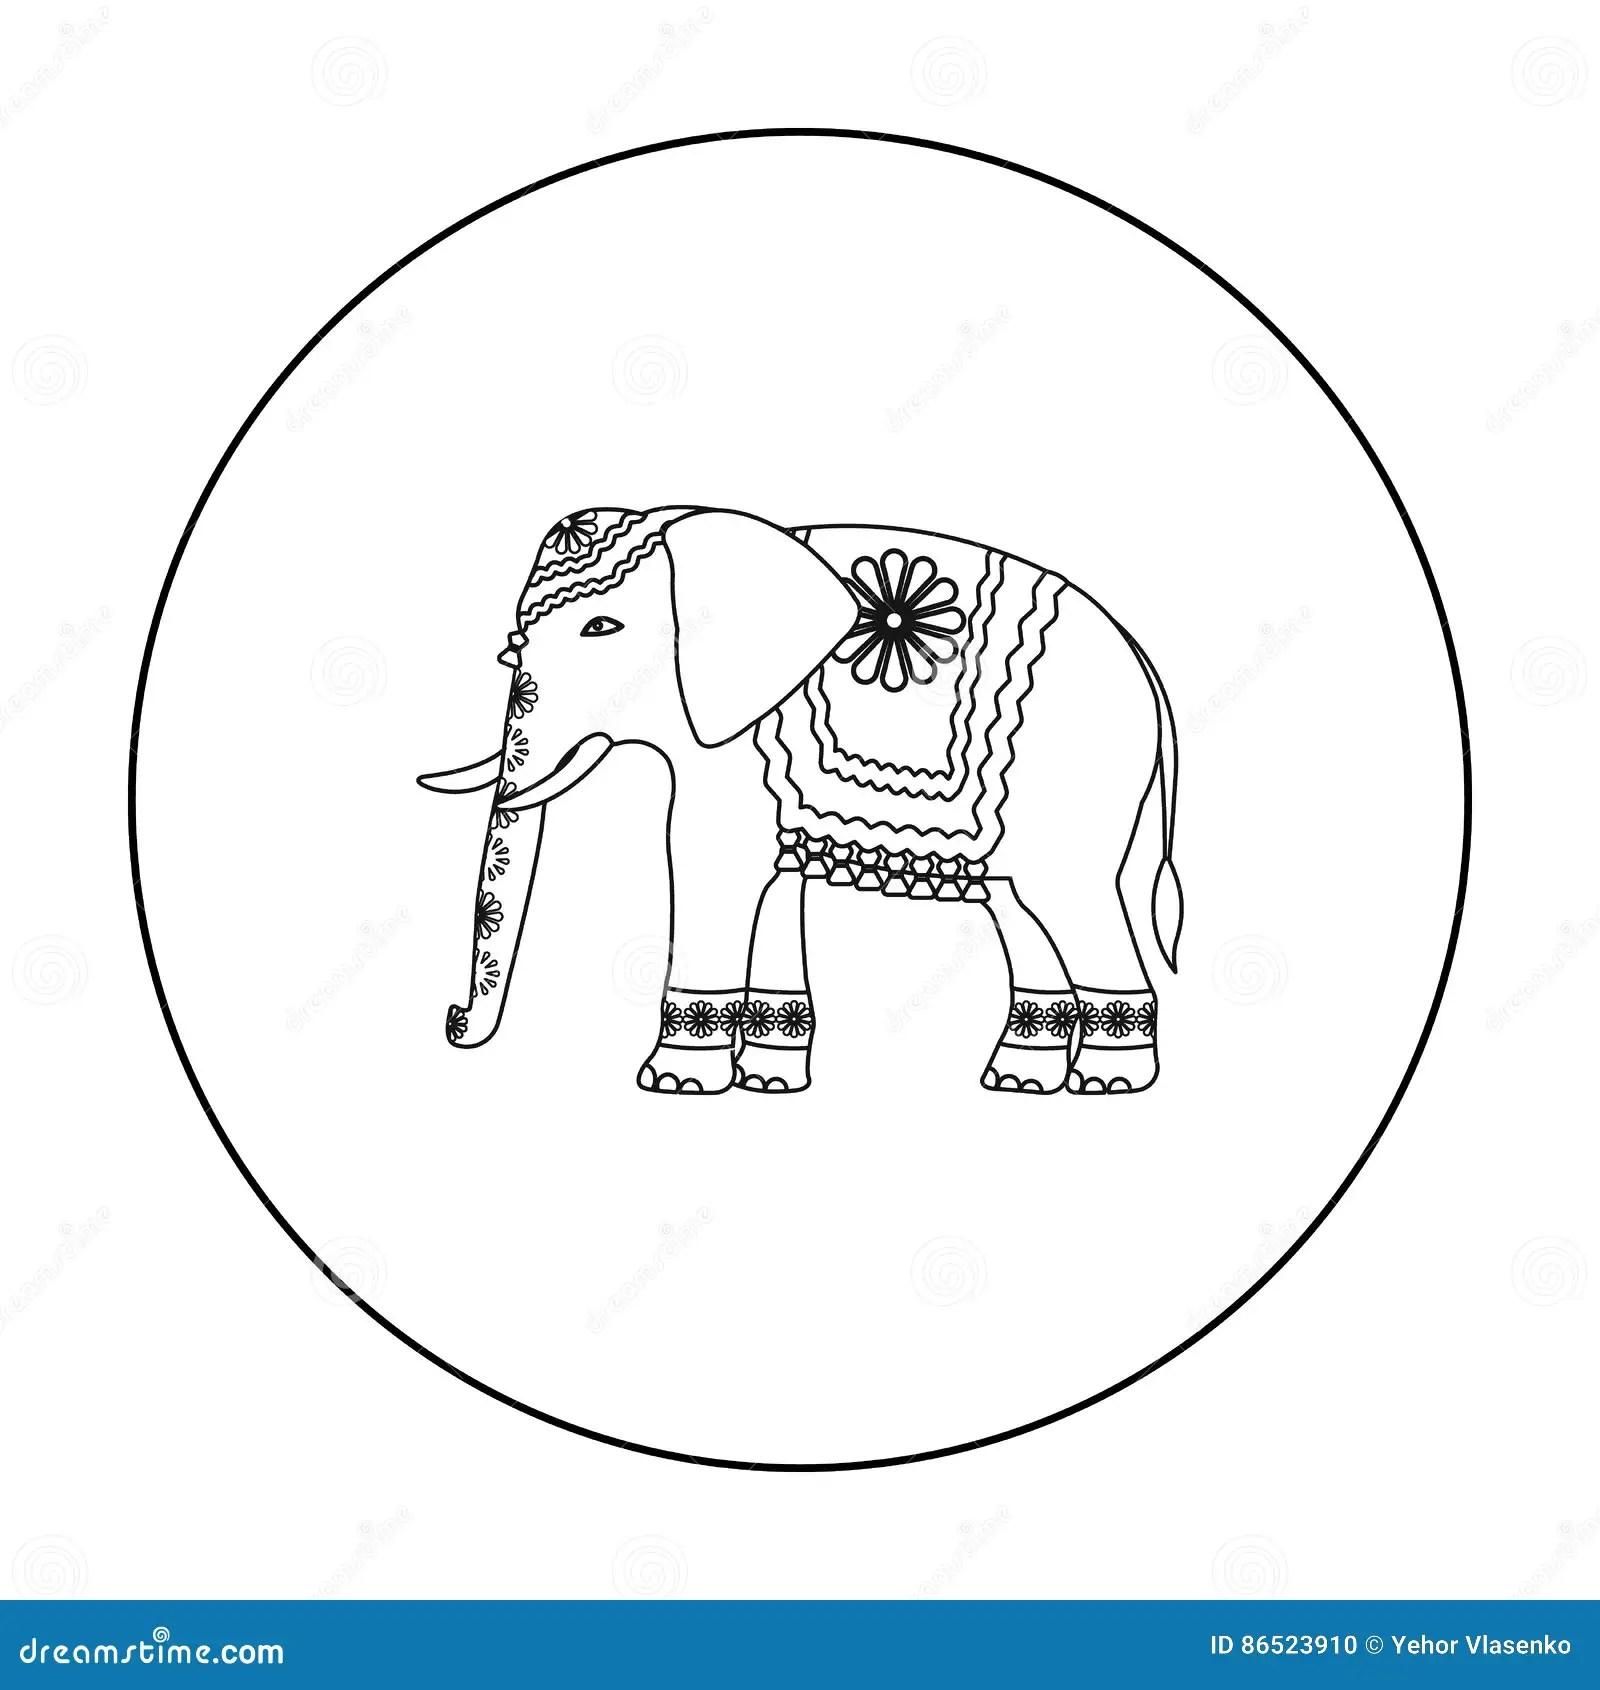 Elephant Outline Peanut Cartoon Vector